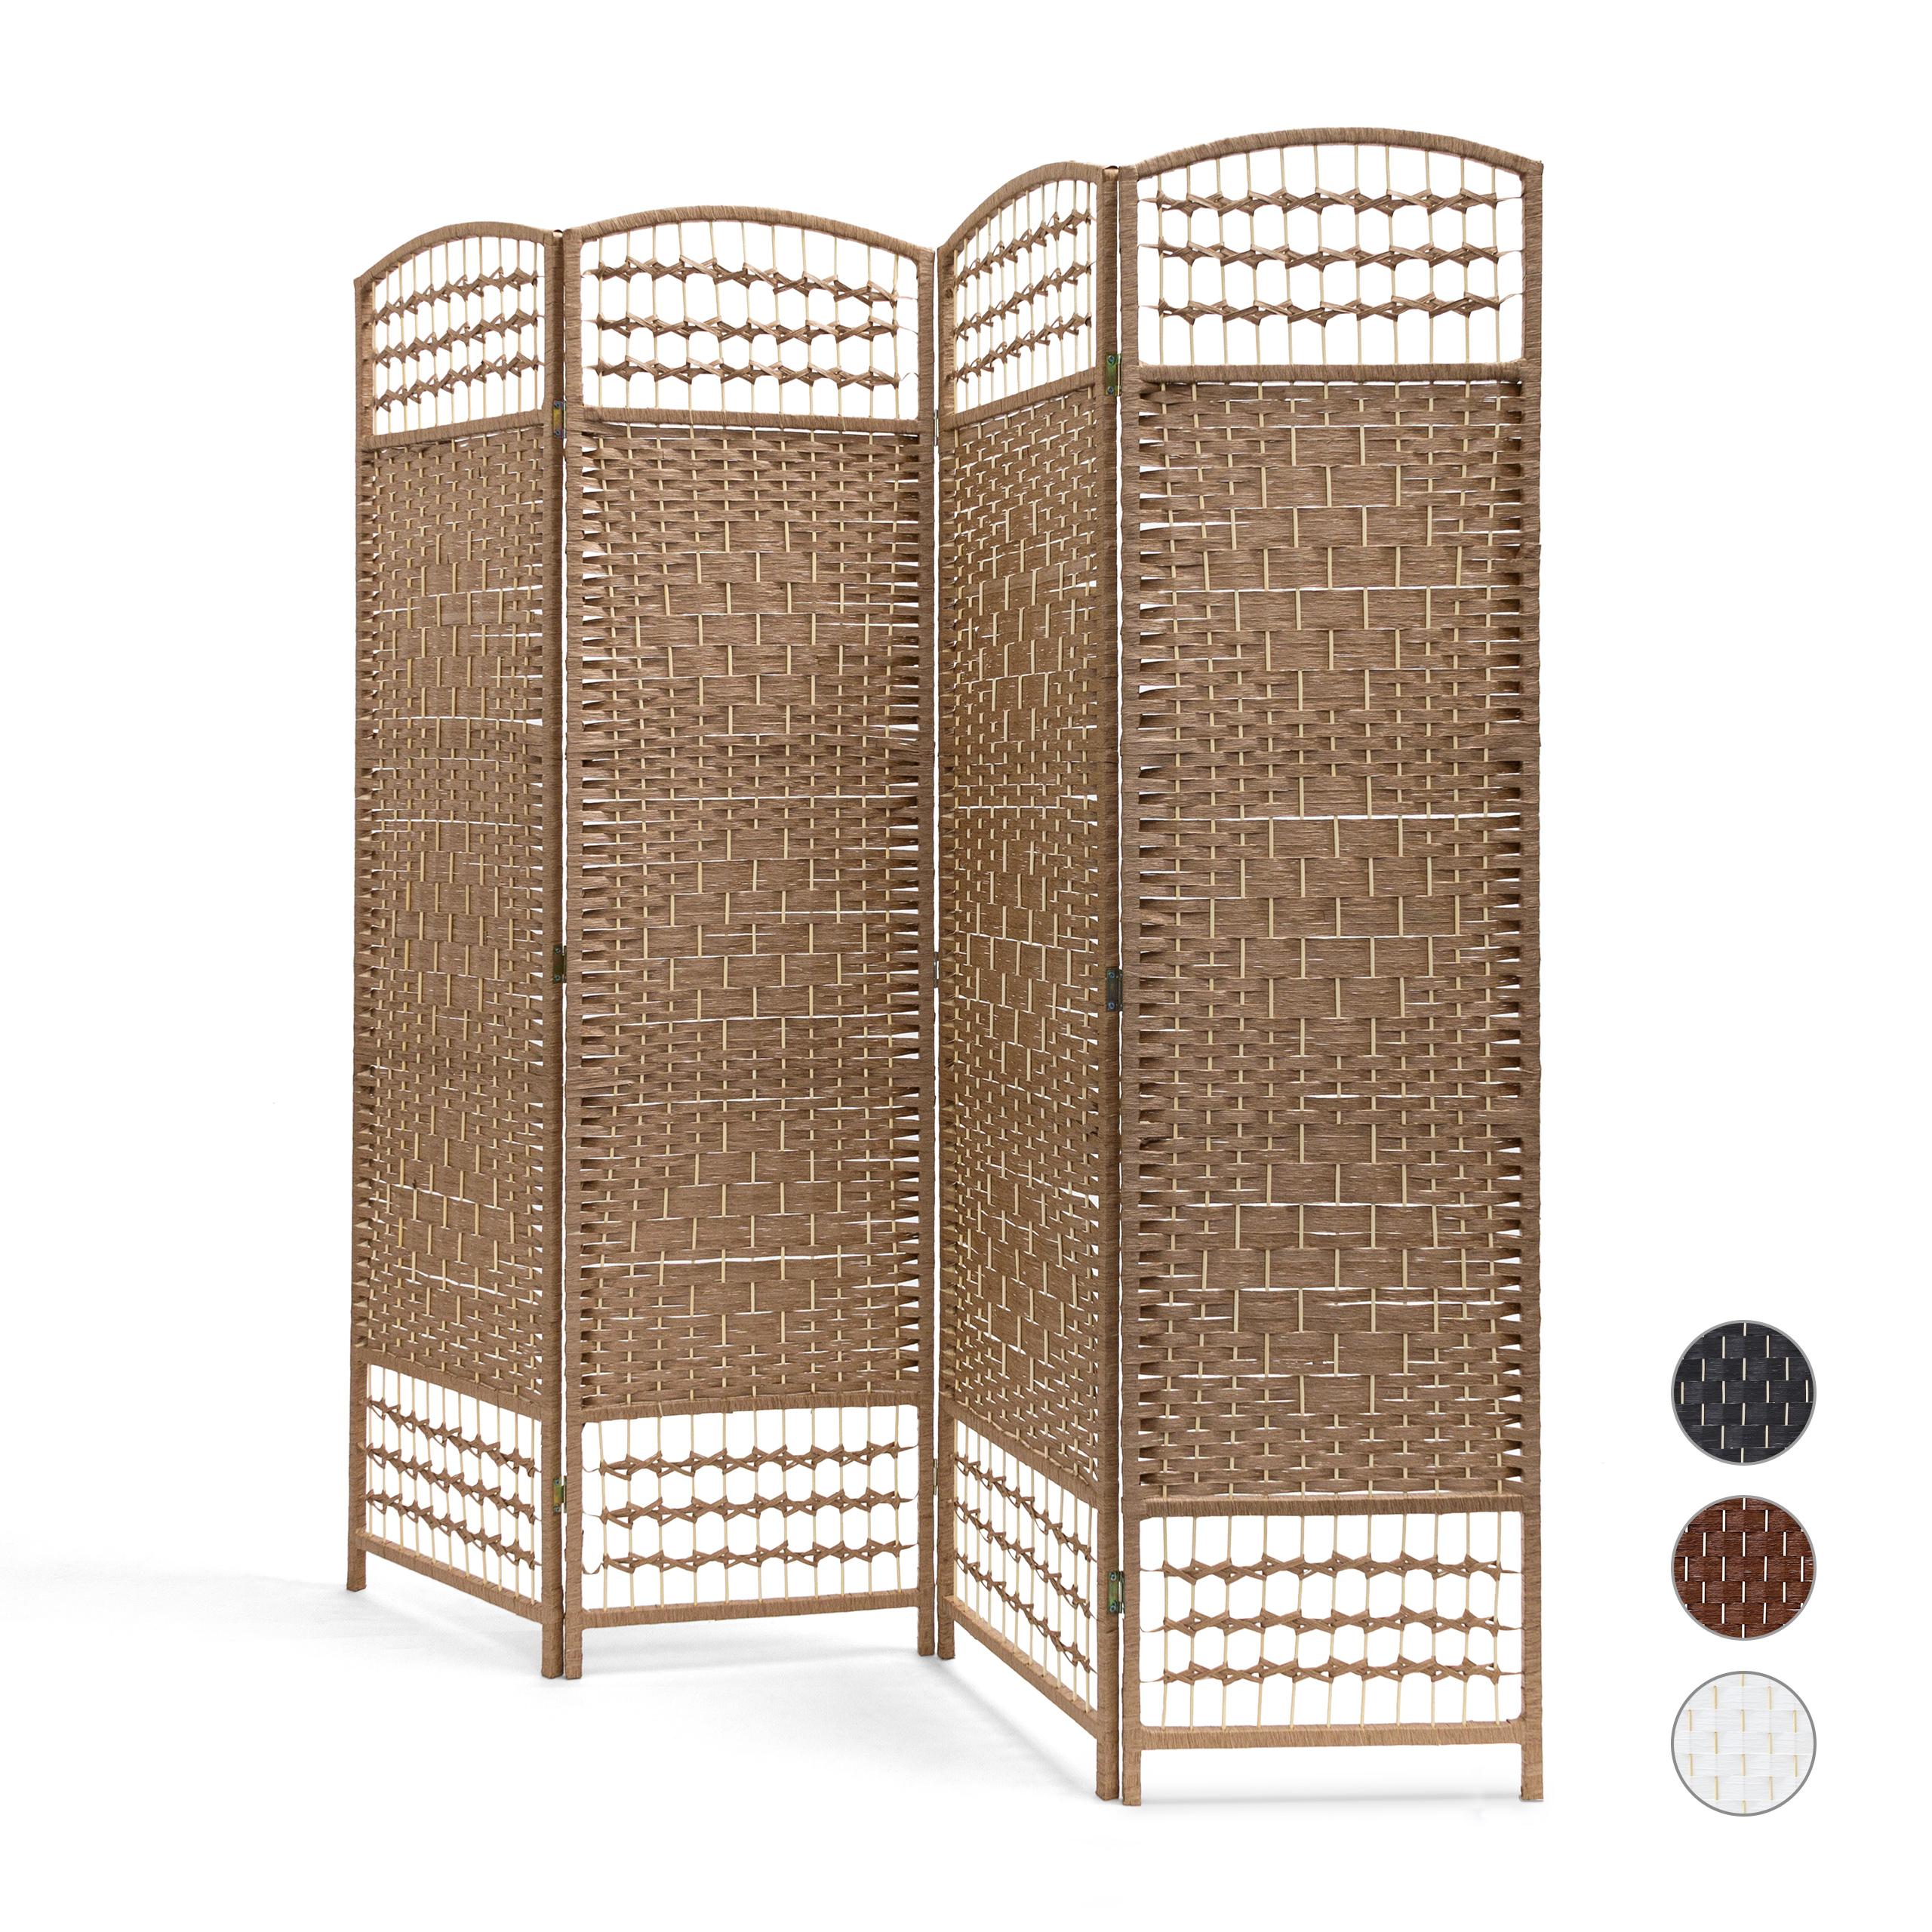 Full Size of Paravent Bambus Sichtschutz Raumteiler Trennwand Raumtrenner Spanische Garten Bett Wohnzimmer Paravent Bambus